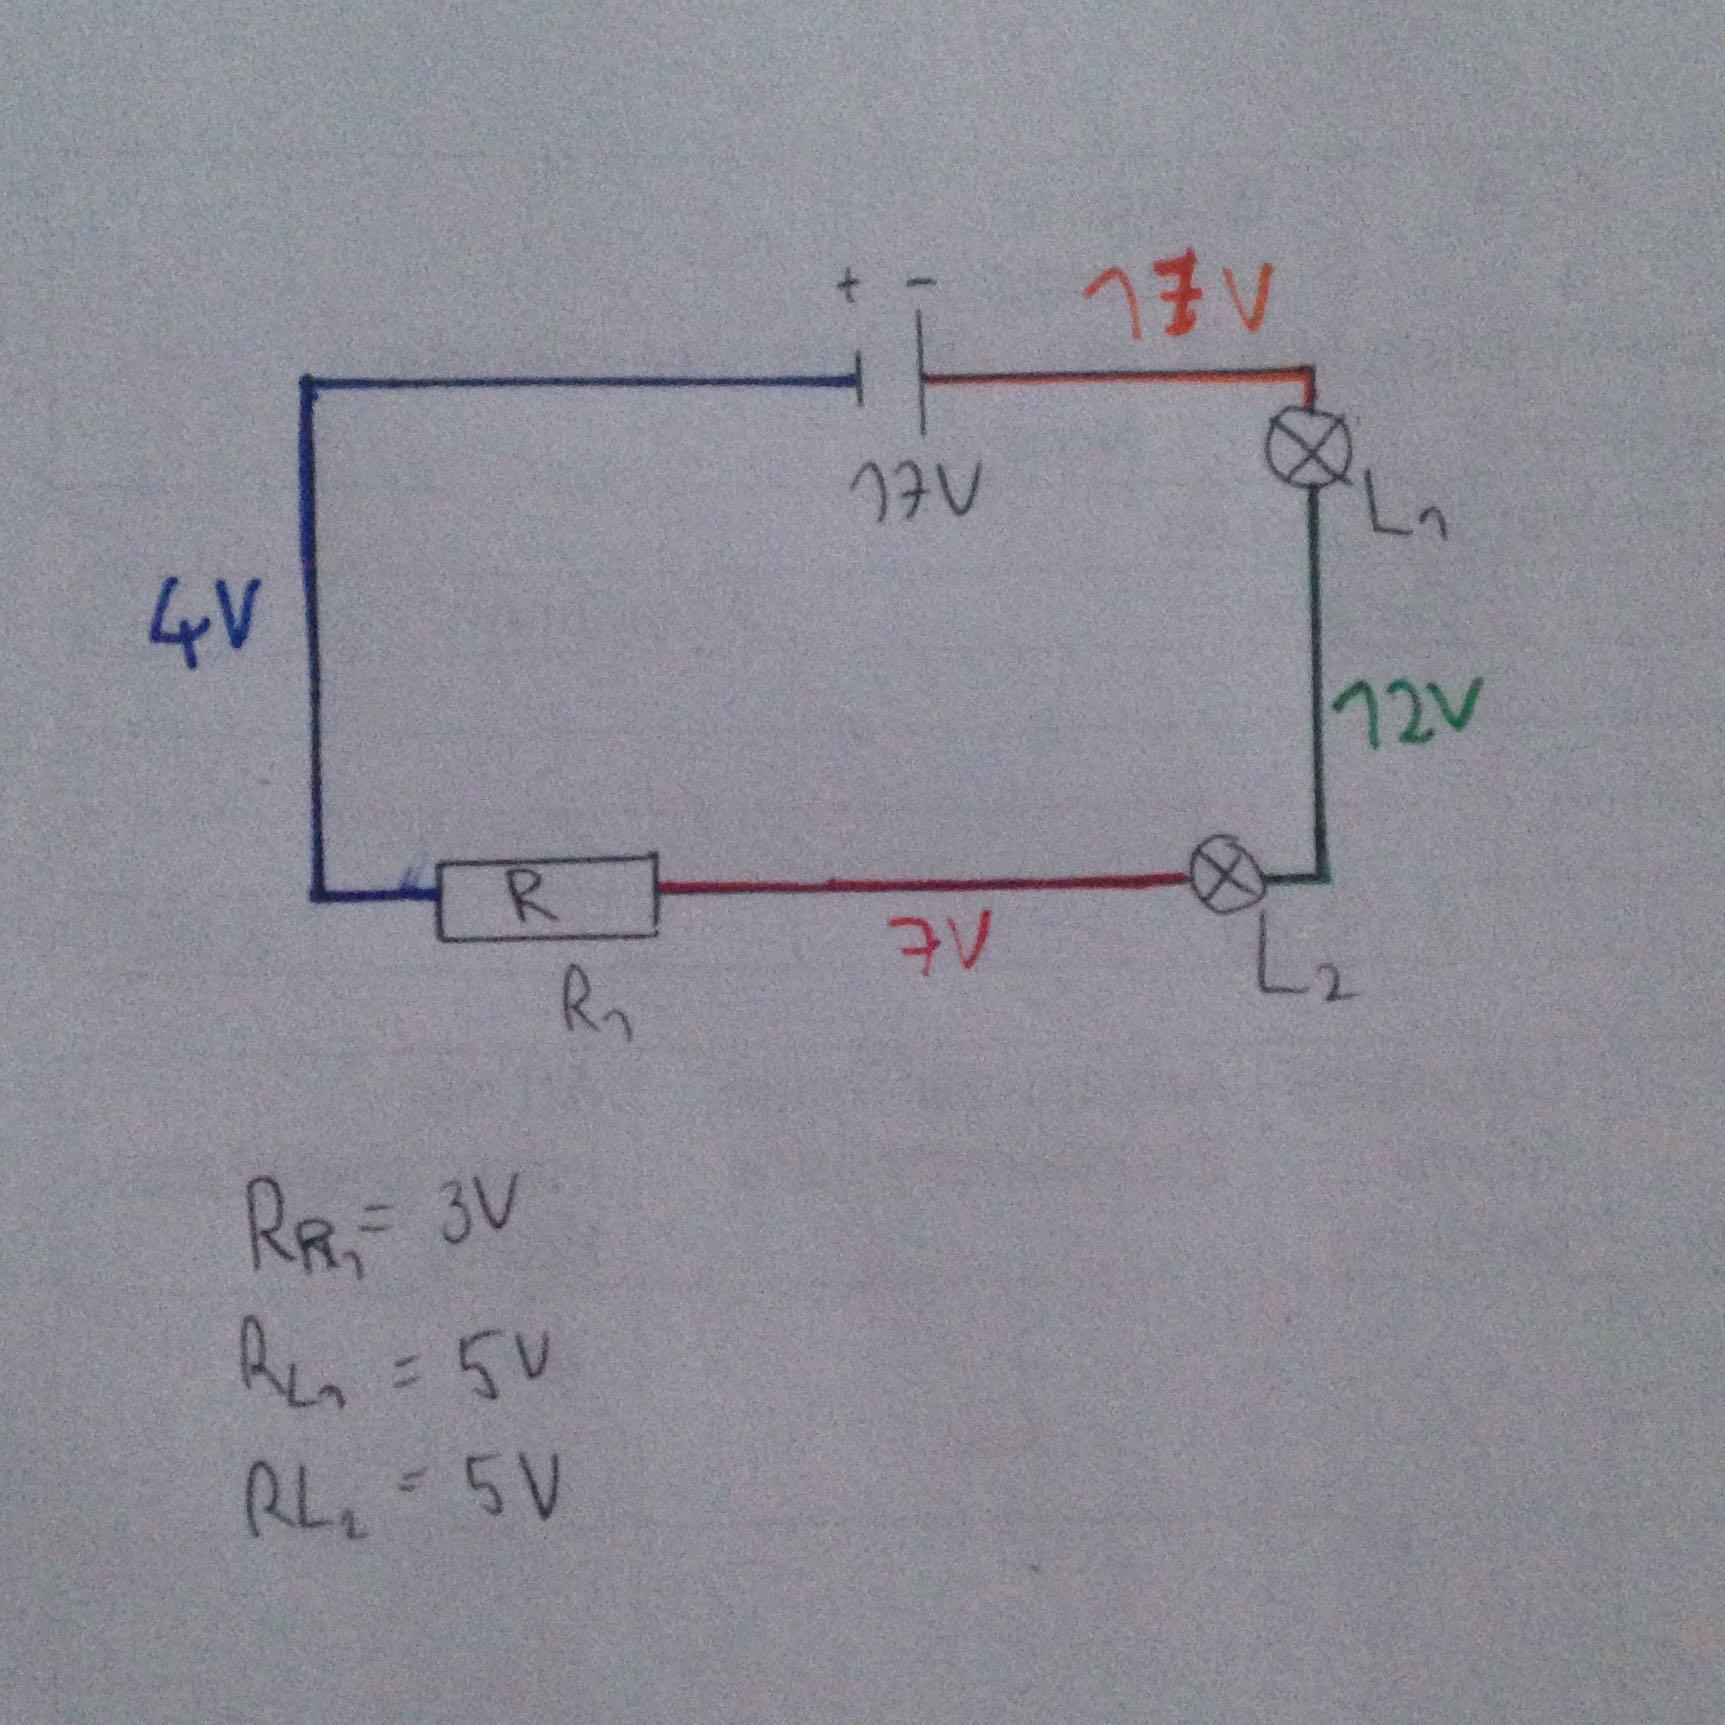 Physik - E-lehre: Schaltplan richtig? Stromstärke-Widerstand ...